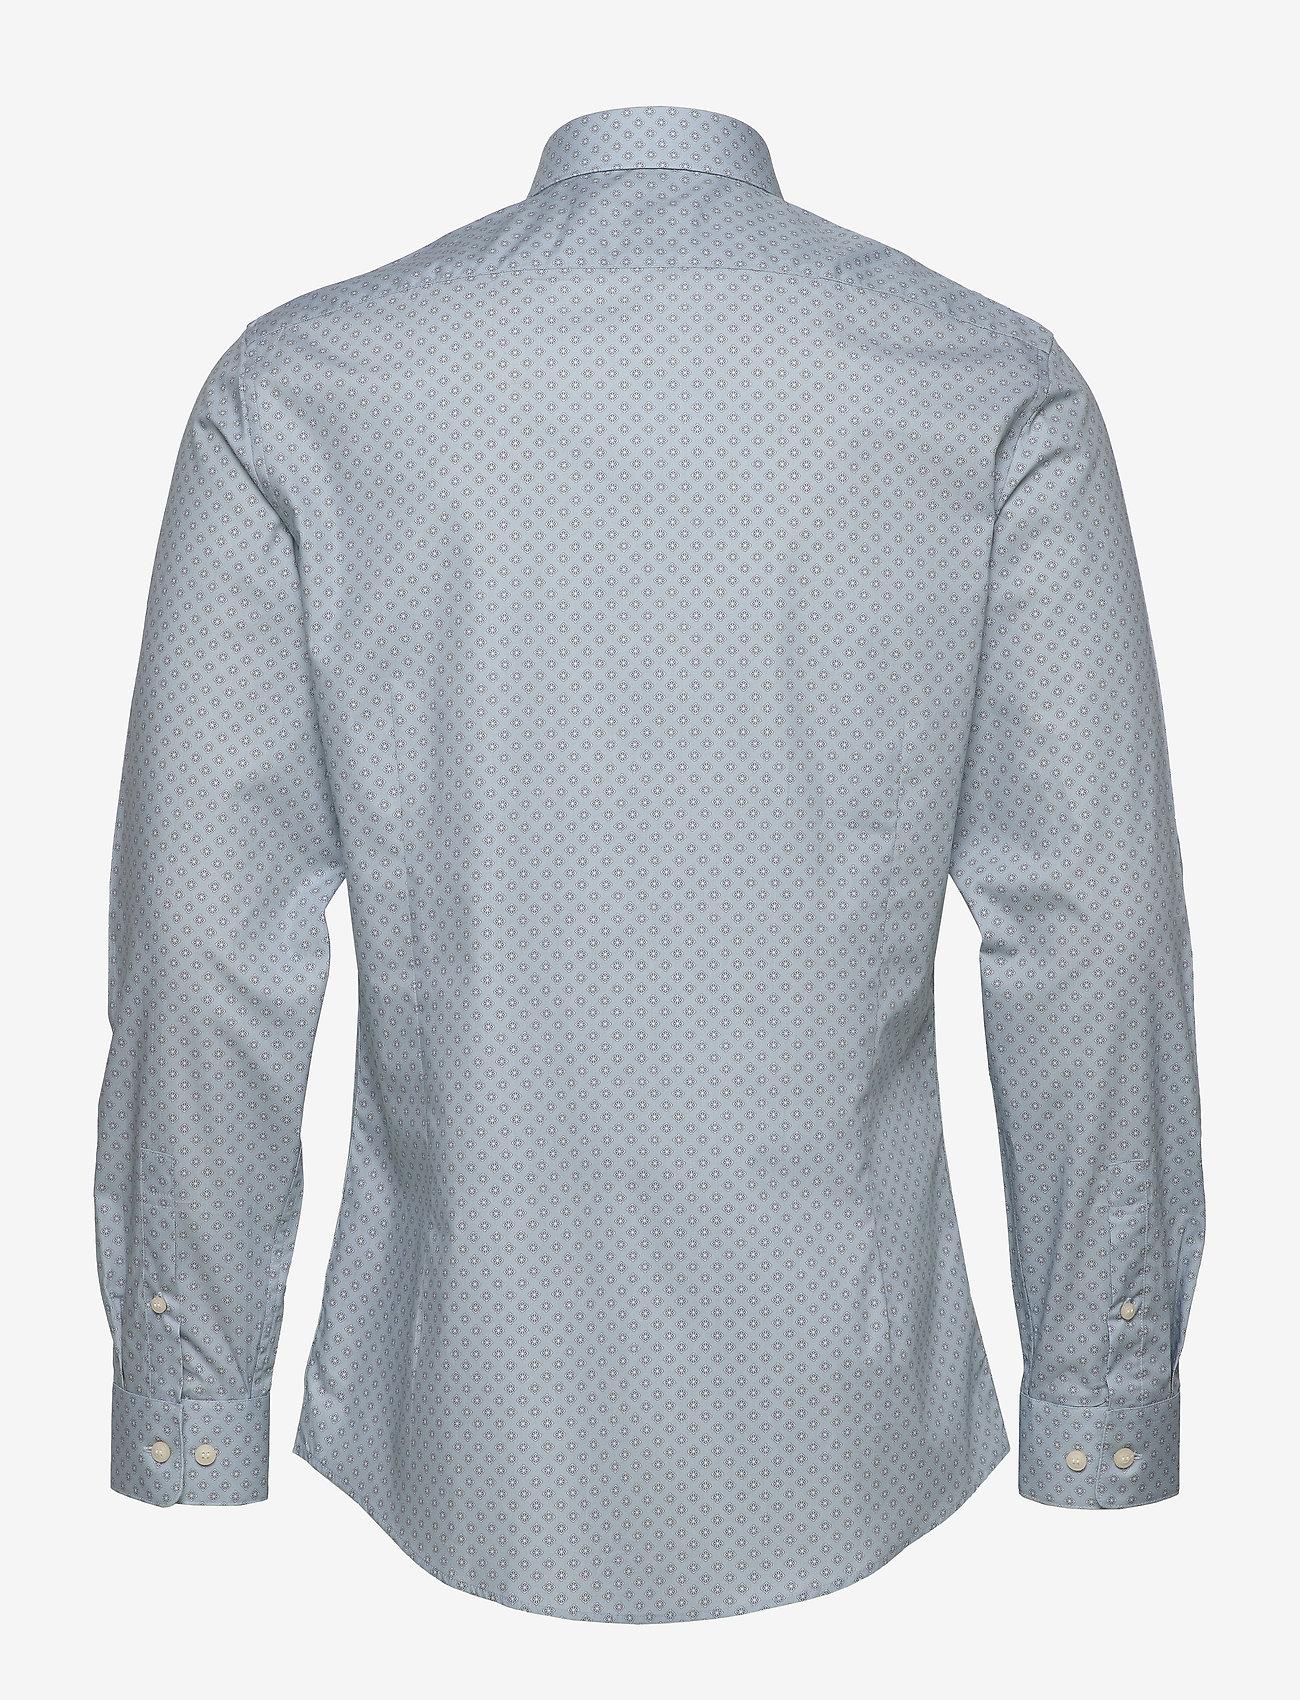 Tiger of Sweden - FERENE - businesskjorter - silver blue - 1